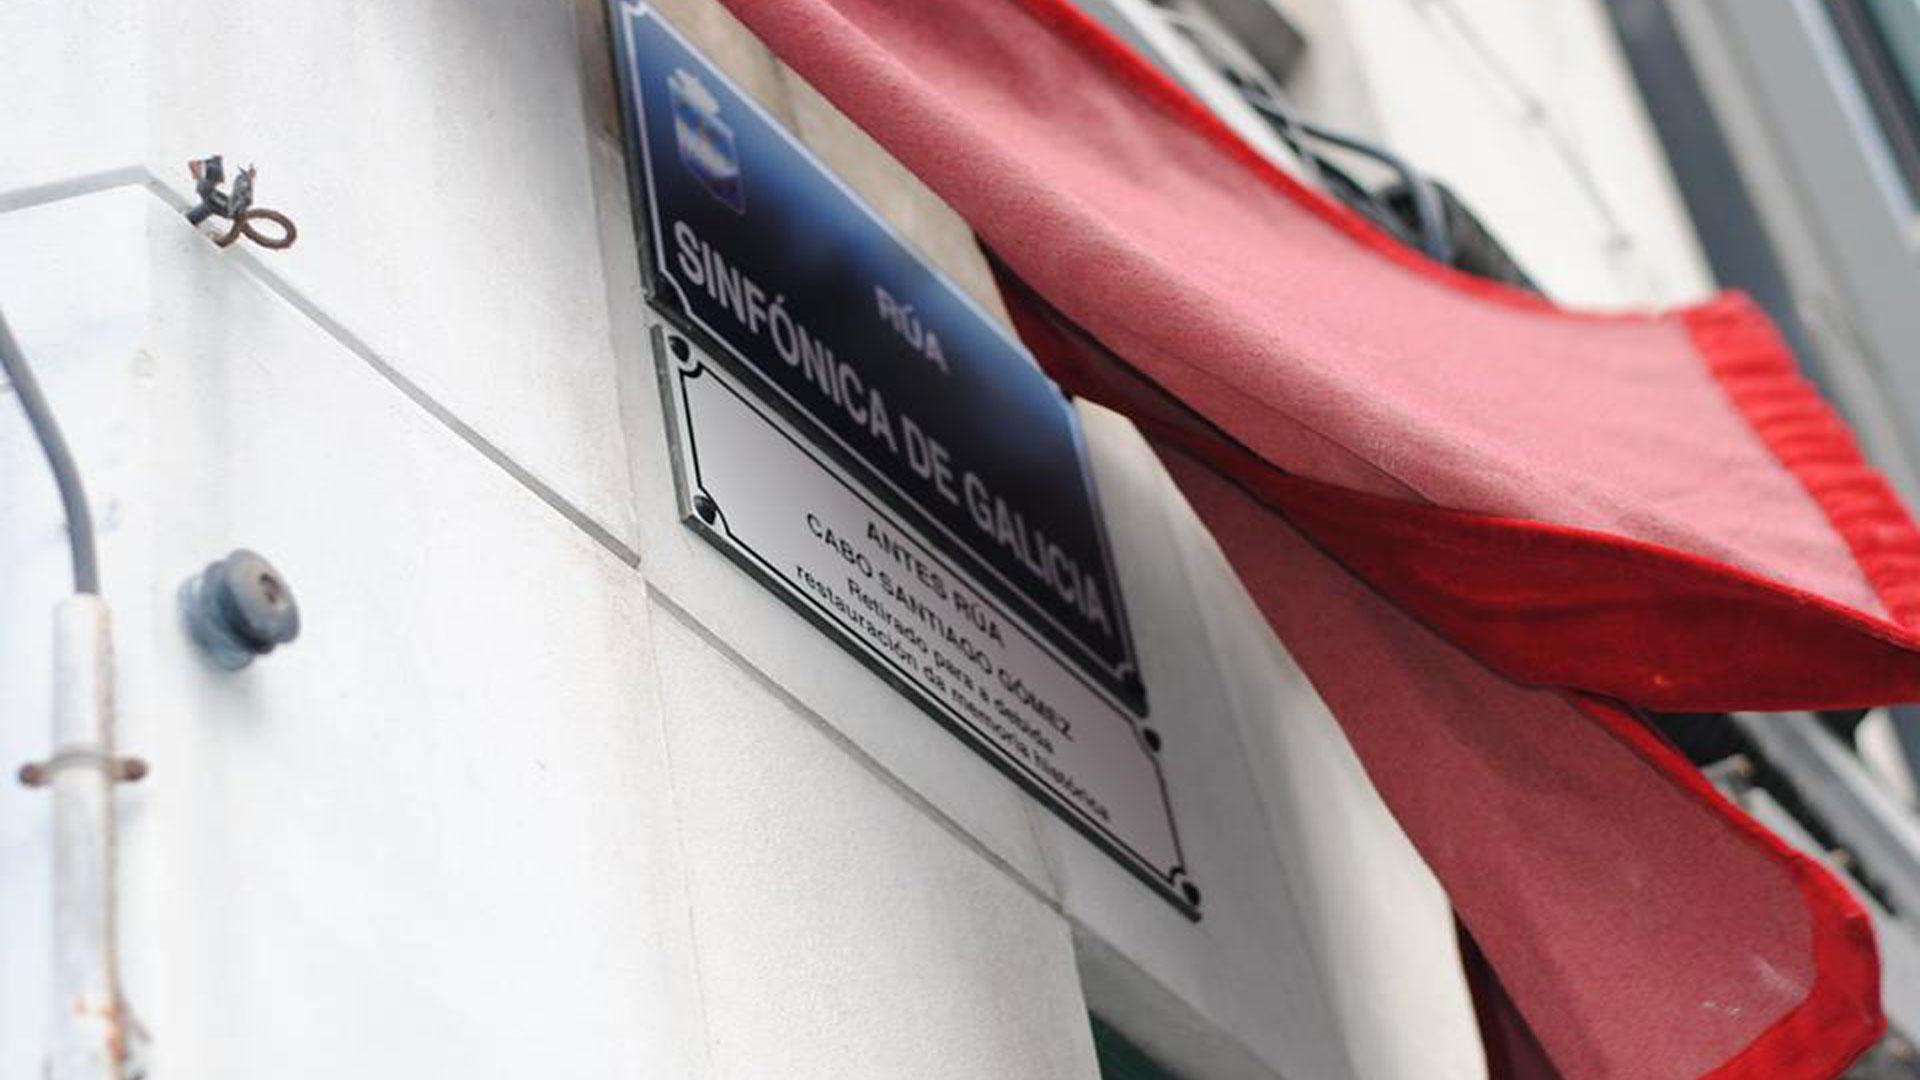 La Sinfónica de Galicia hace historia con su nombre en una calle de la ciudad de A Coruña